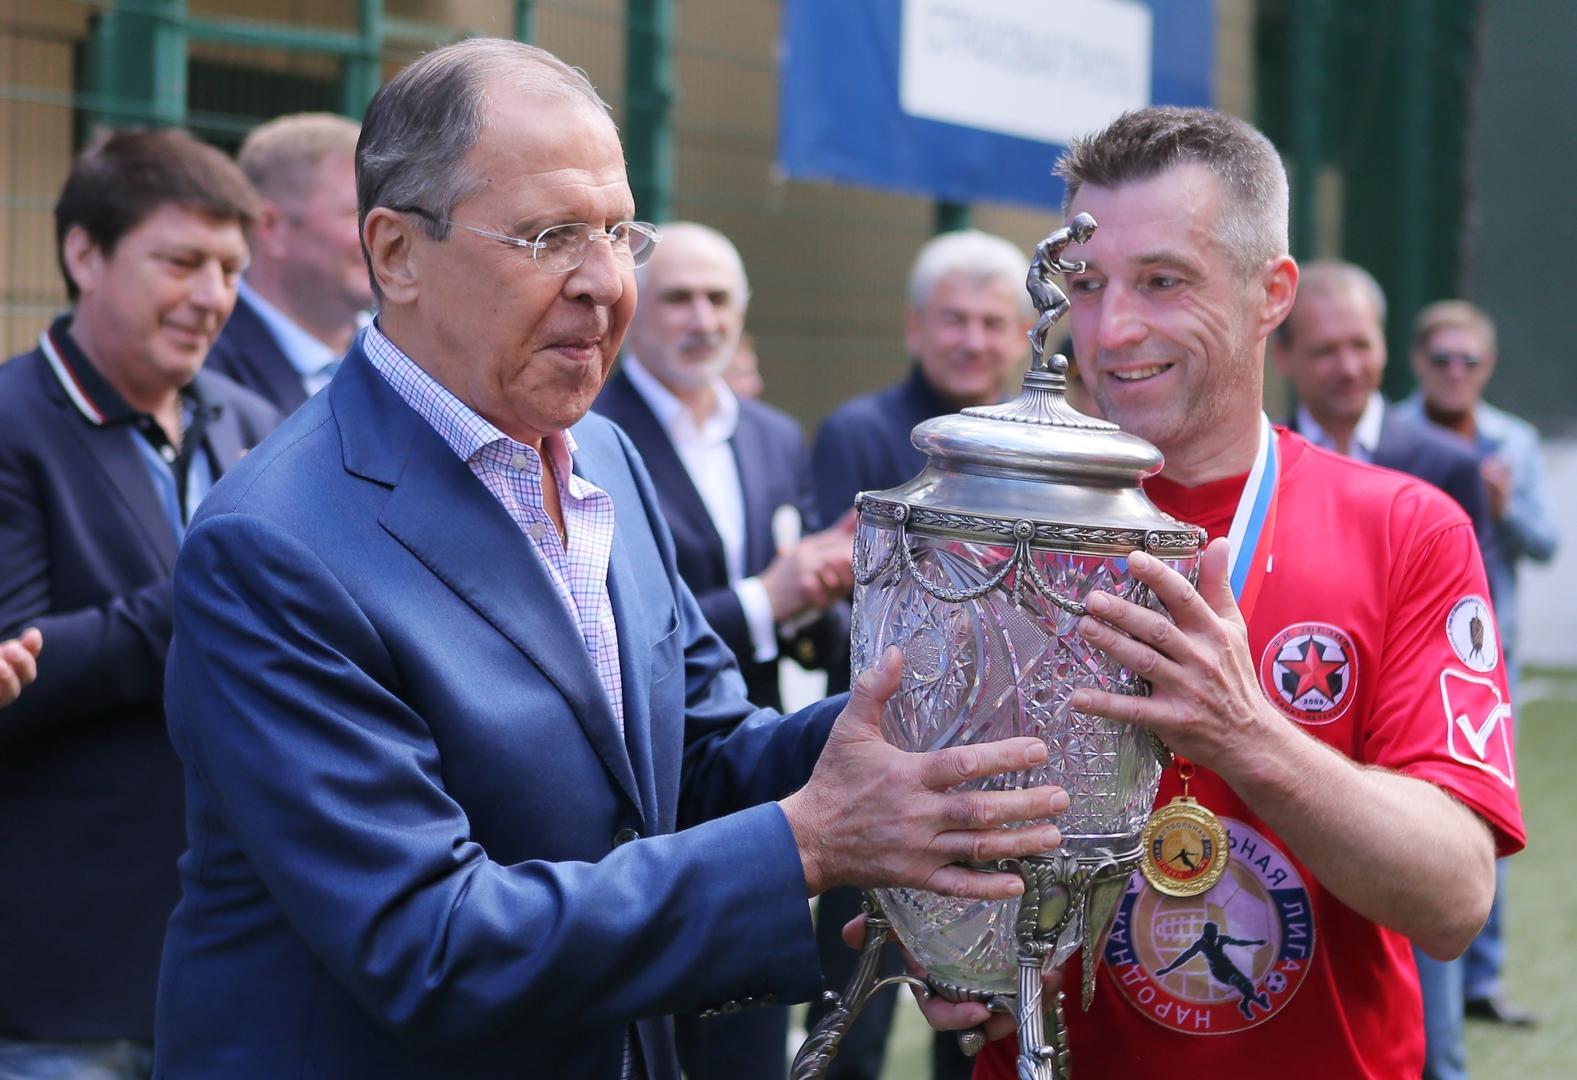 زاخاروفا تكشف عن عشق الدبلوماسيين الروس لكرة القدم